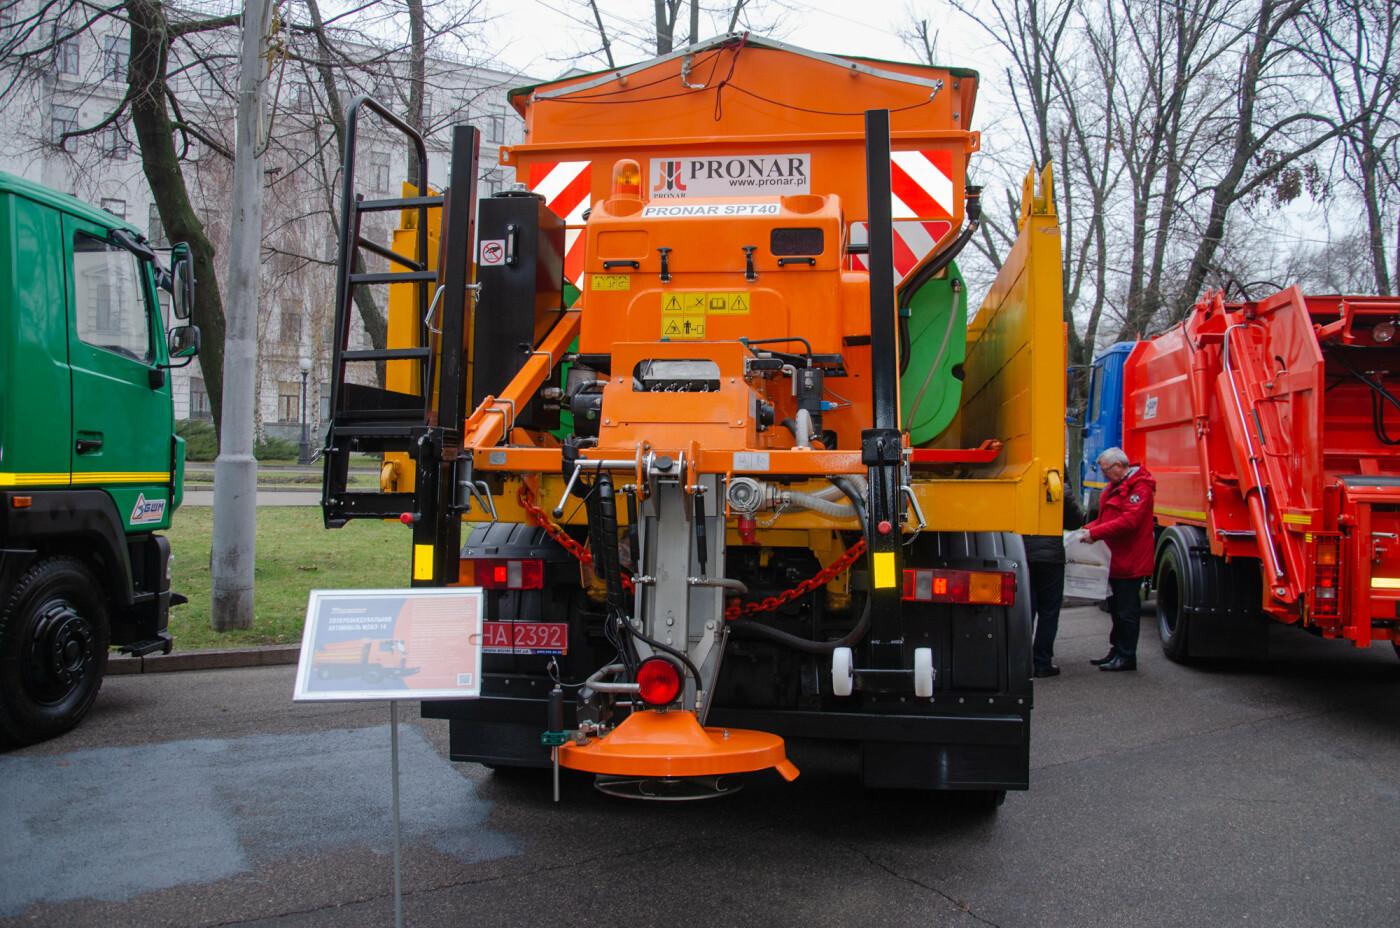 В Днепре устроили выставку новинок коммунальной и транспортной техники, - ФОТО, фото-6